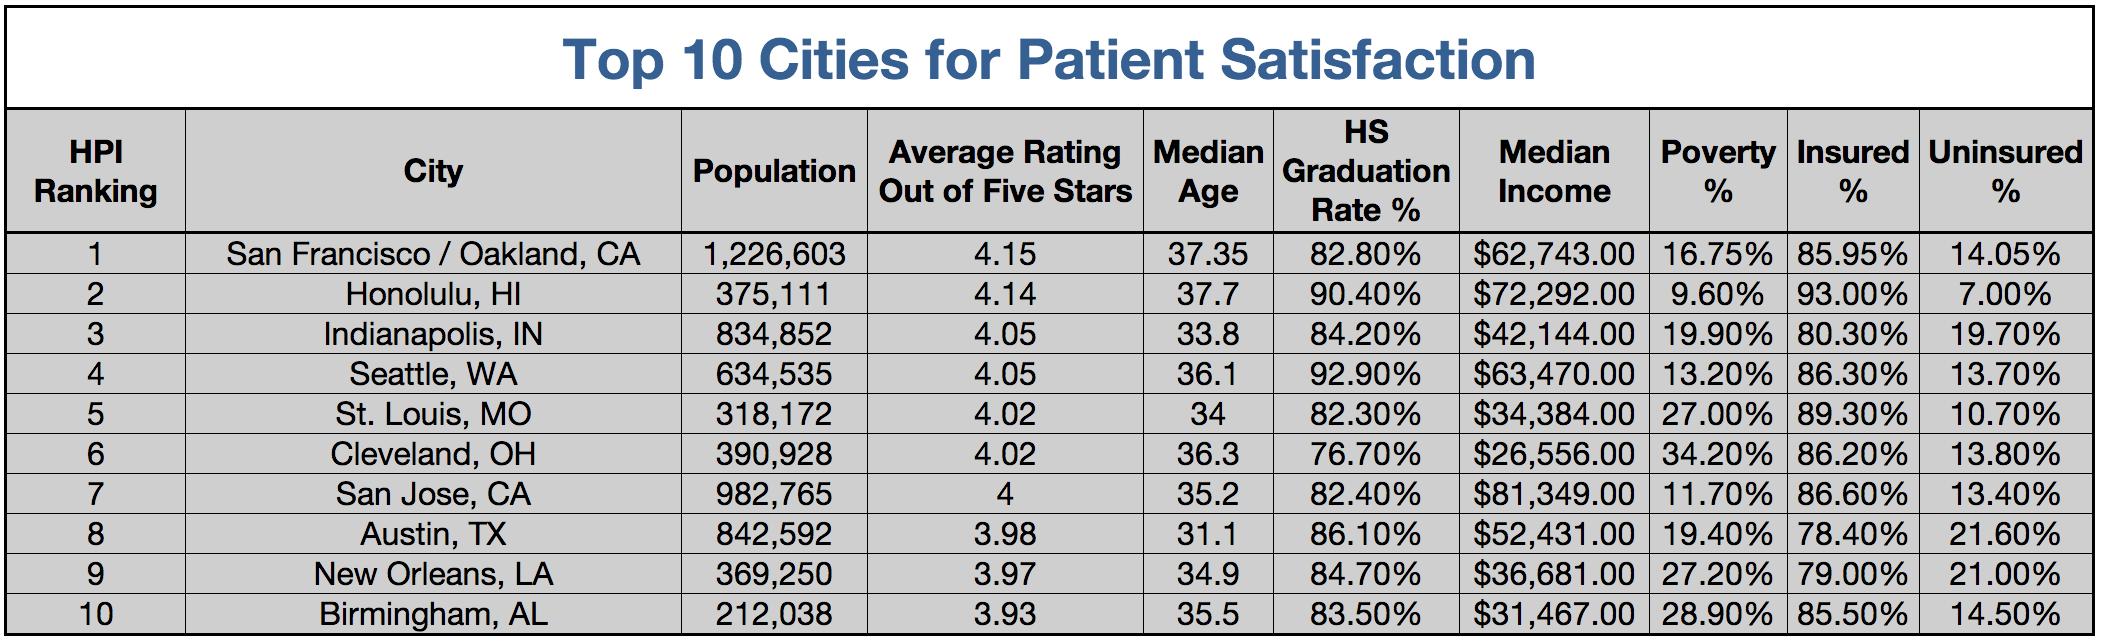 Top 10 Cities for Patient Satisfaction